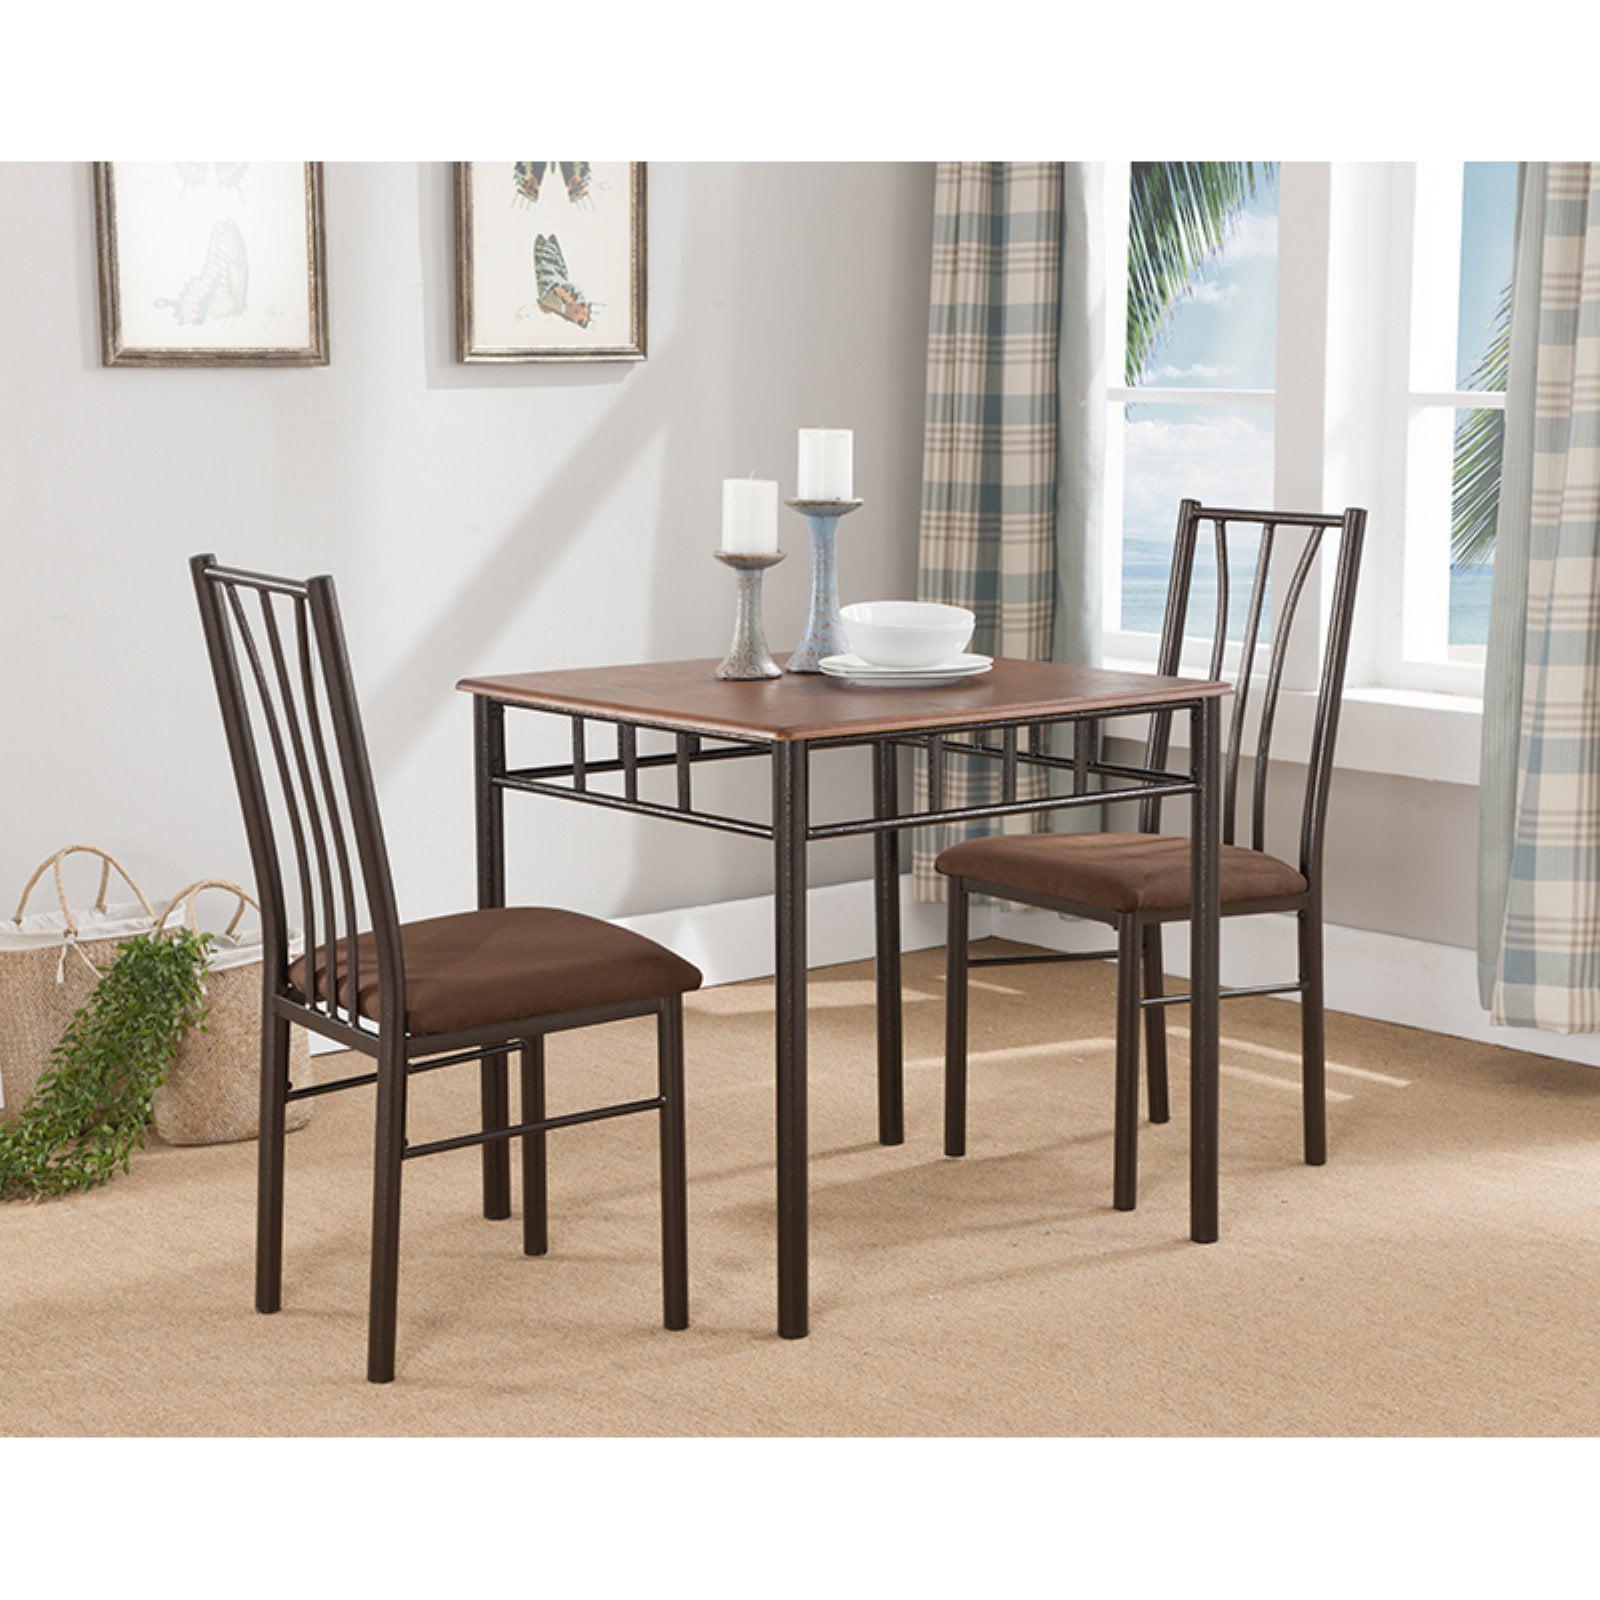 K & B Furniture Pinehurst, Dining Table only